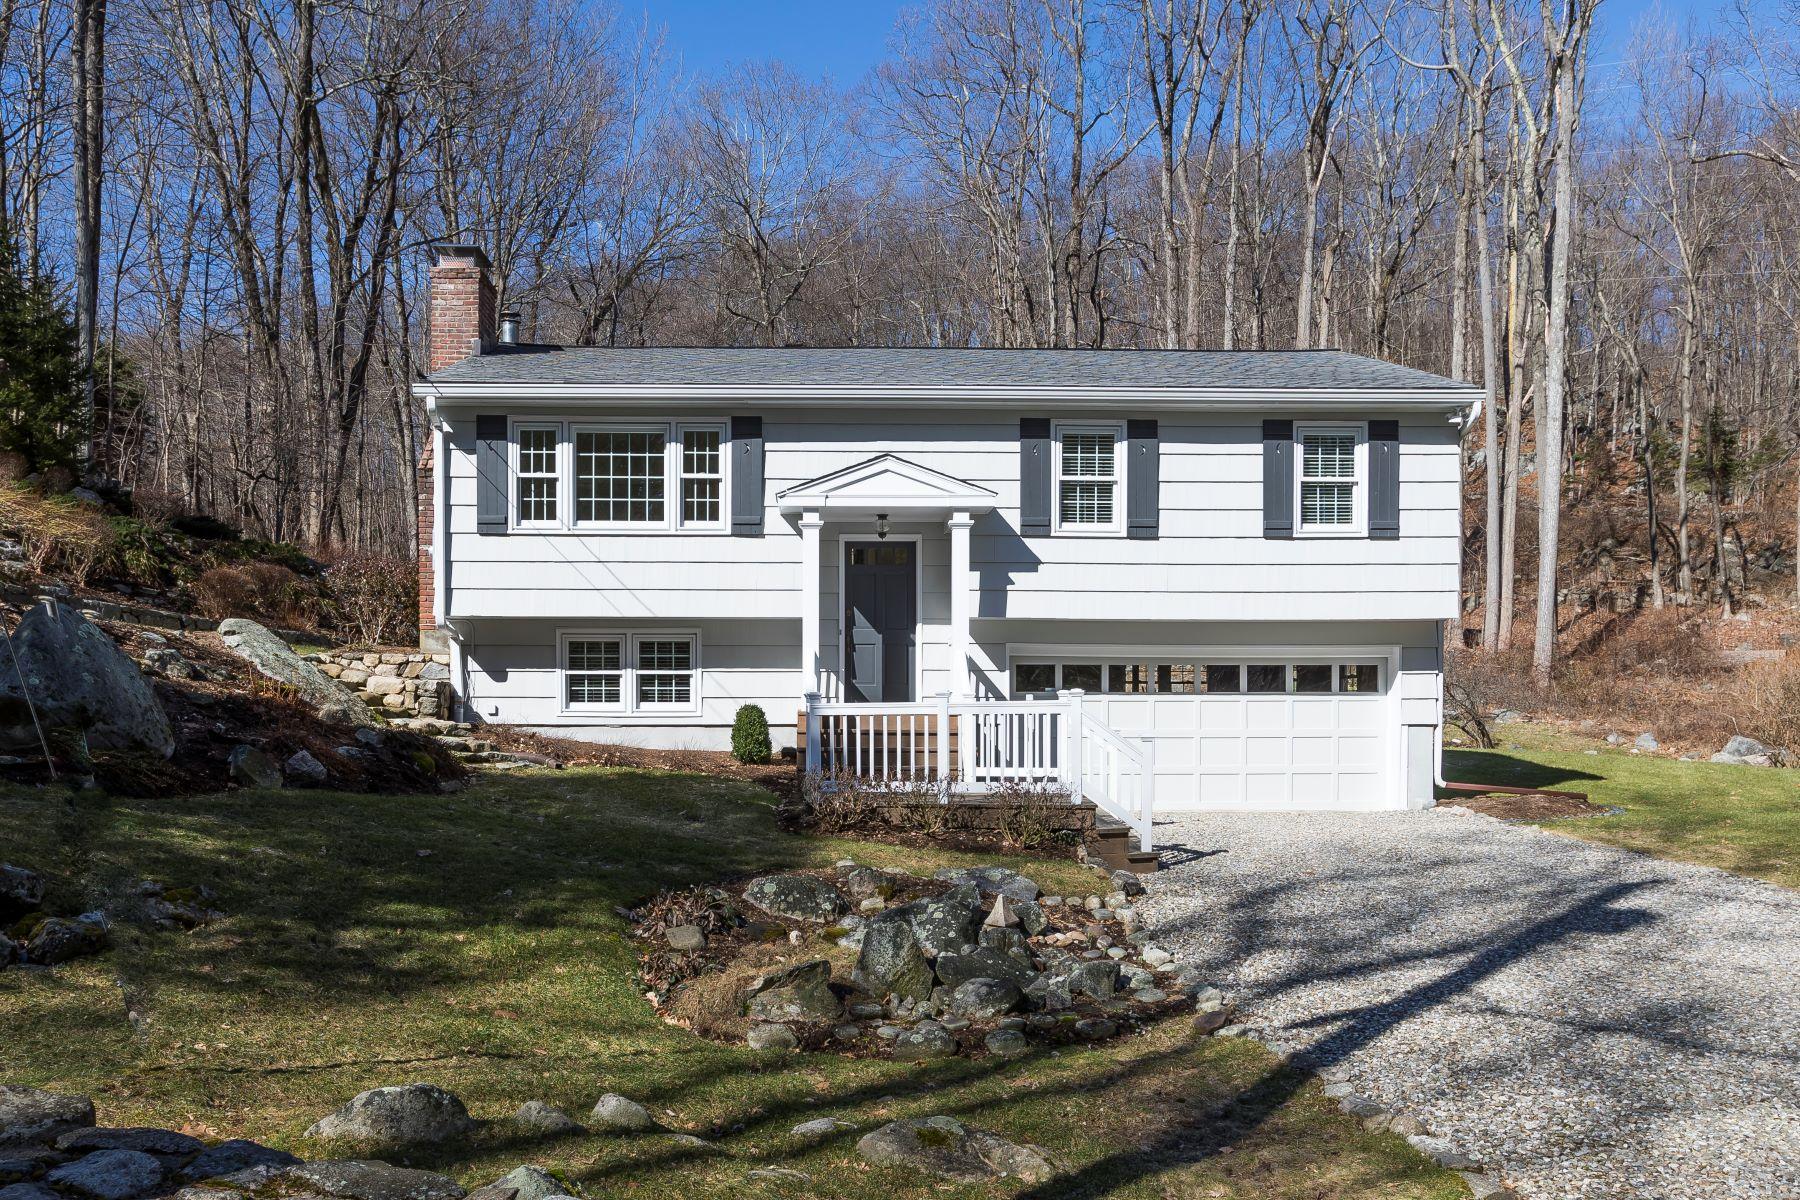 一戸建て のために 売買 アット CHARMING RAISED RANCH 77 Cooper Road, Ridgefield, コネチカット, 06877 アメリカ合衆国